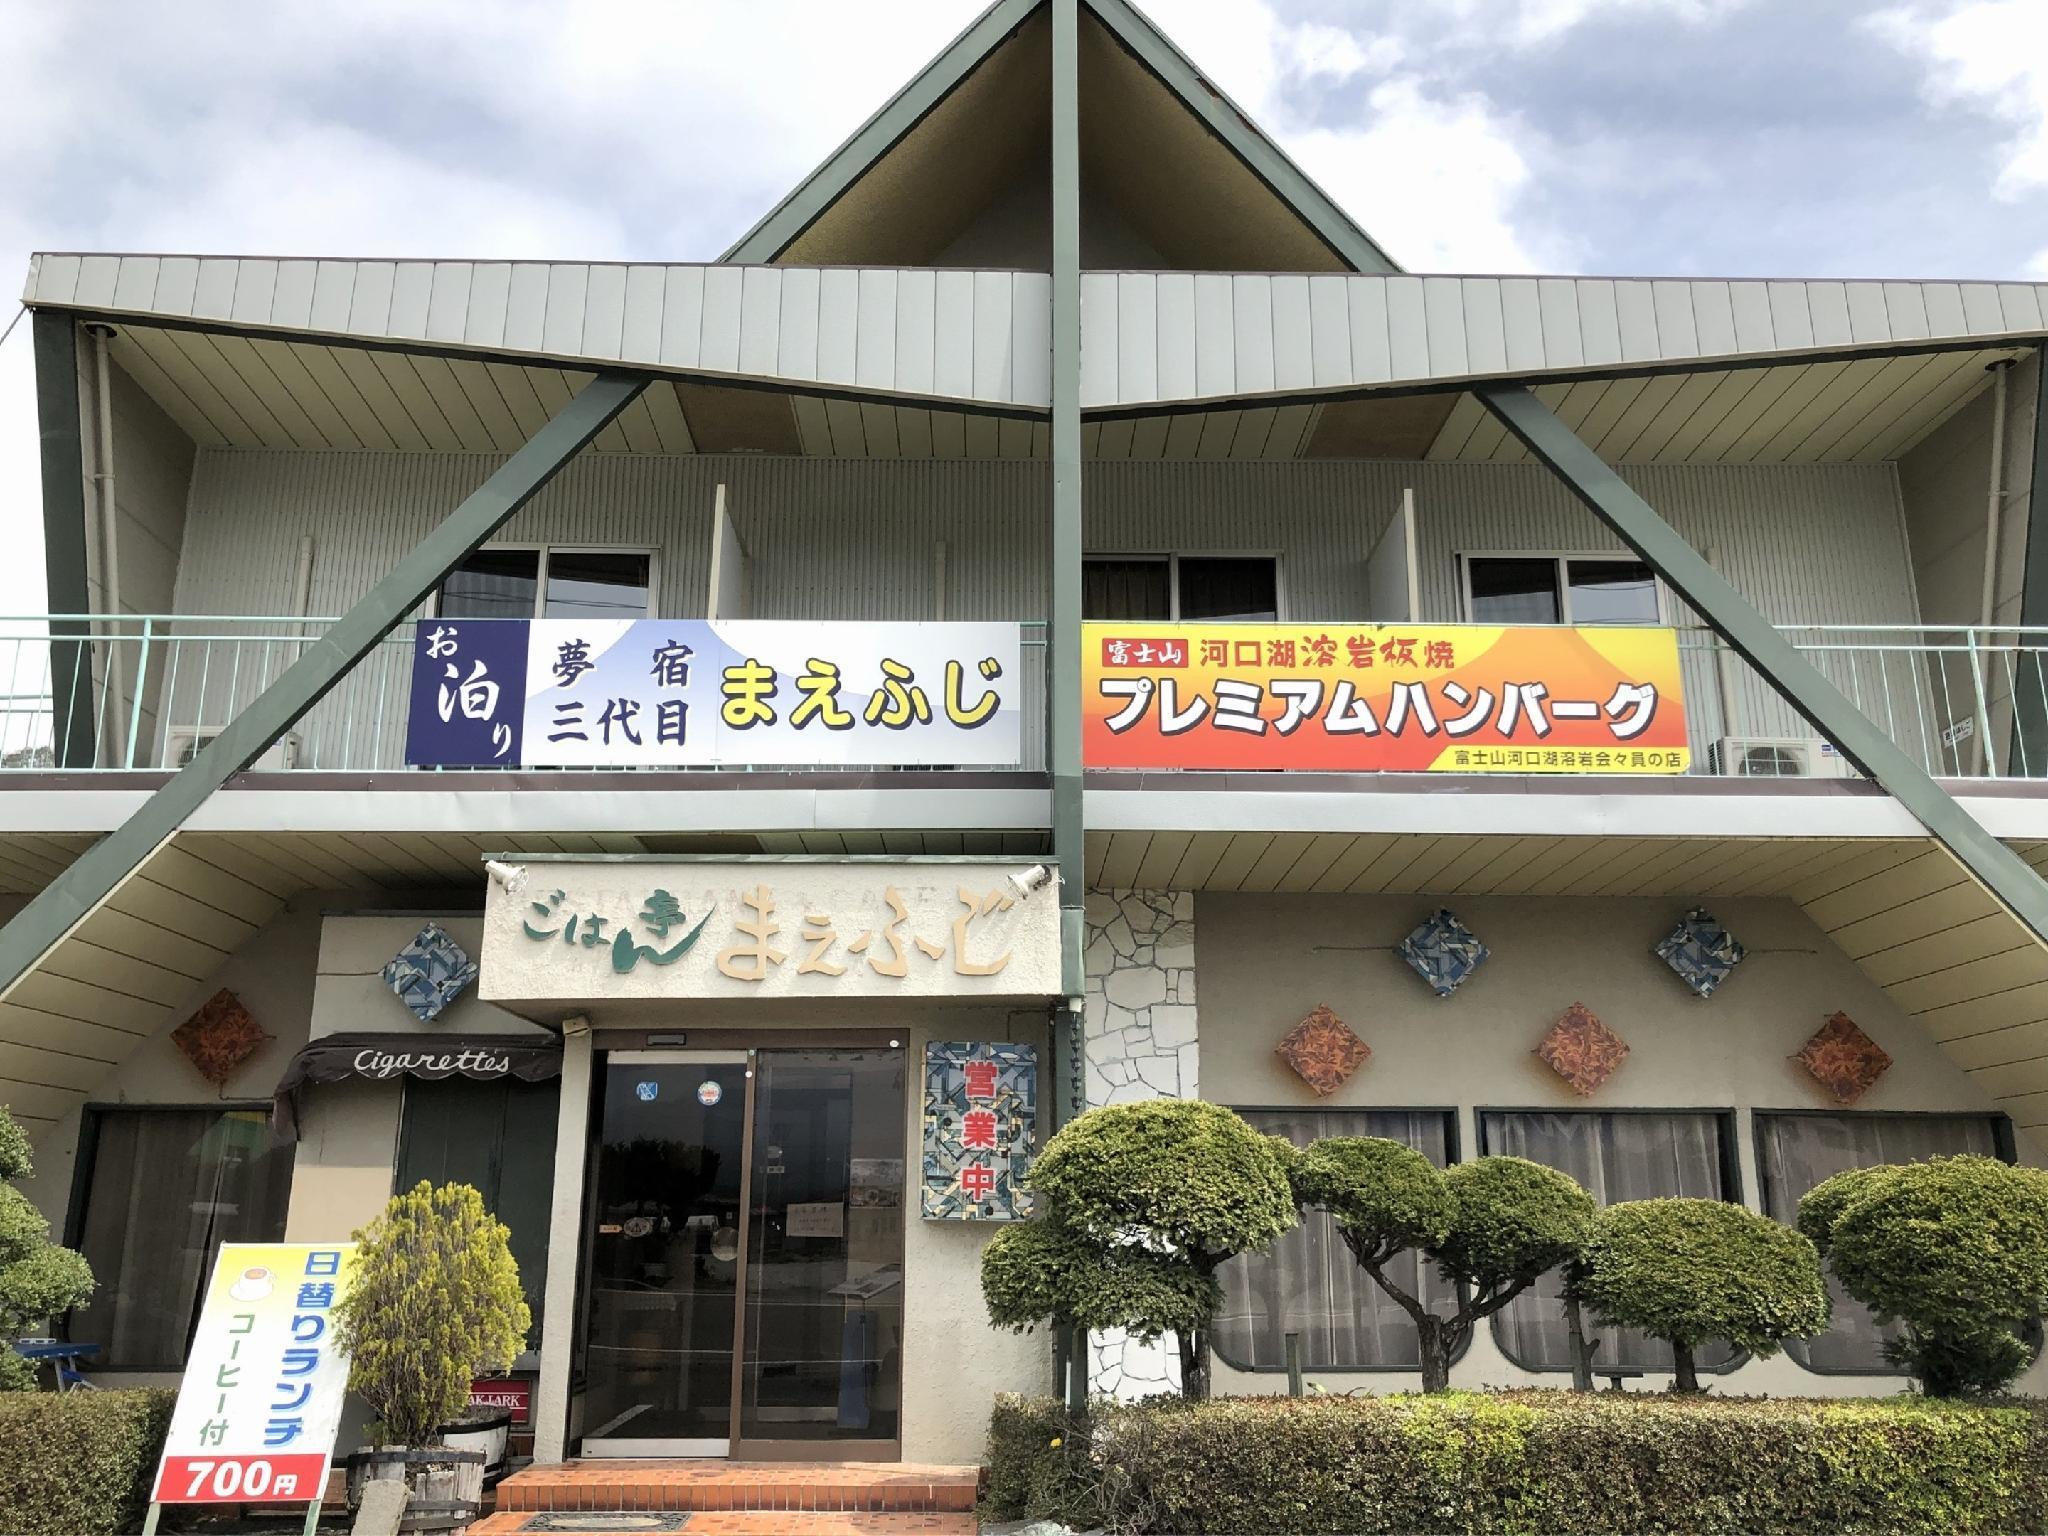 Maefuji